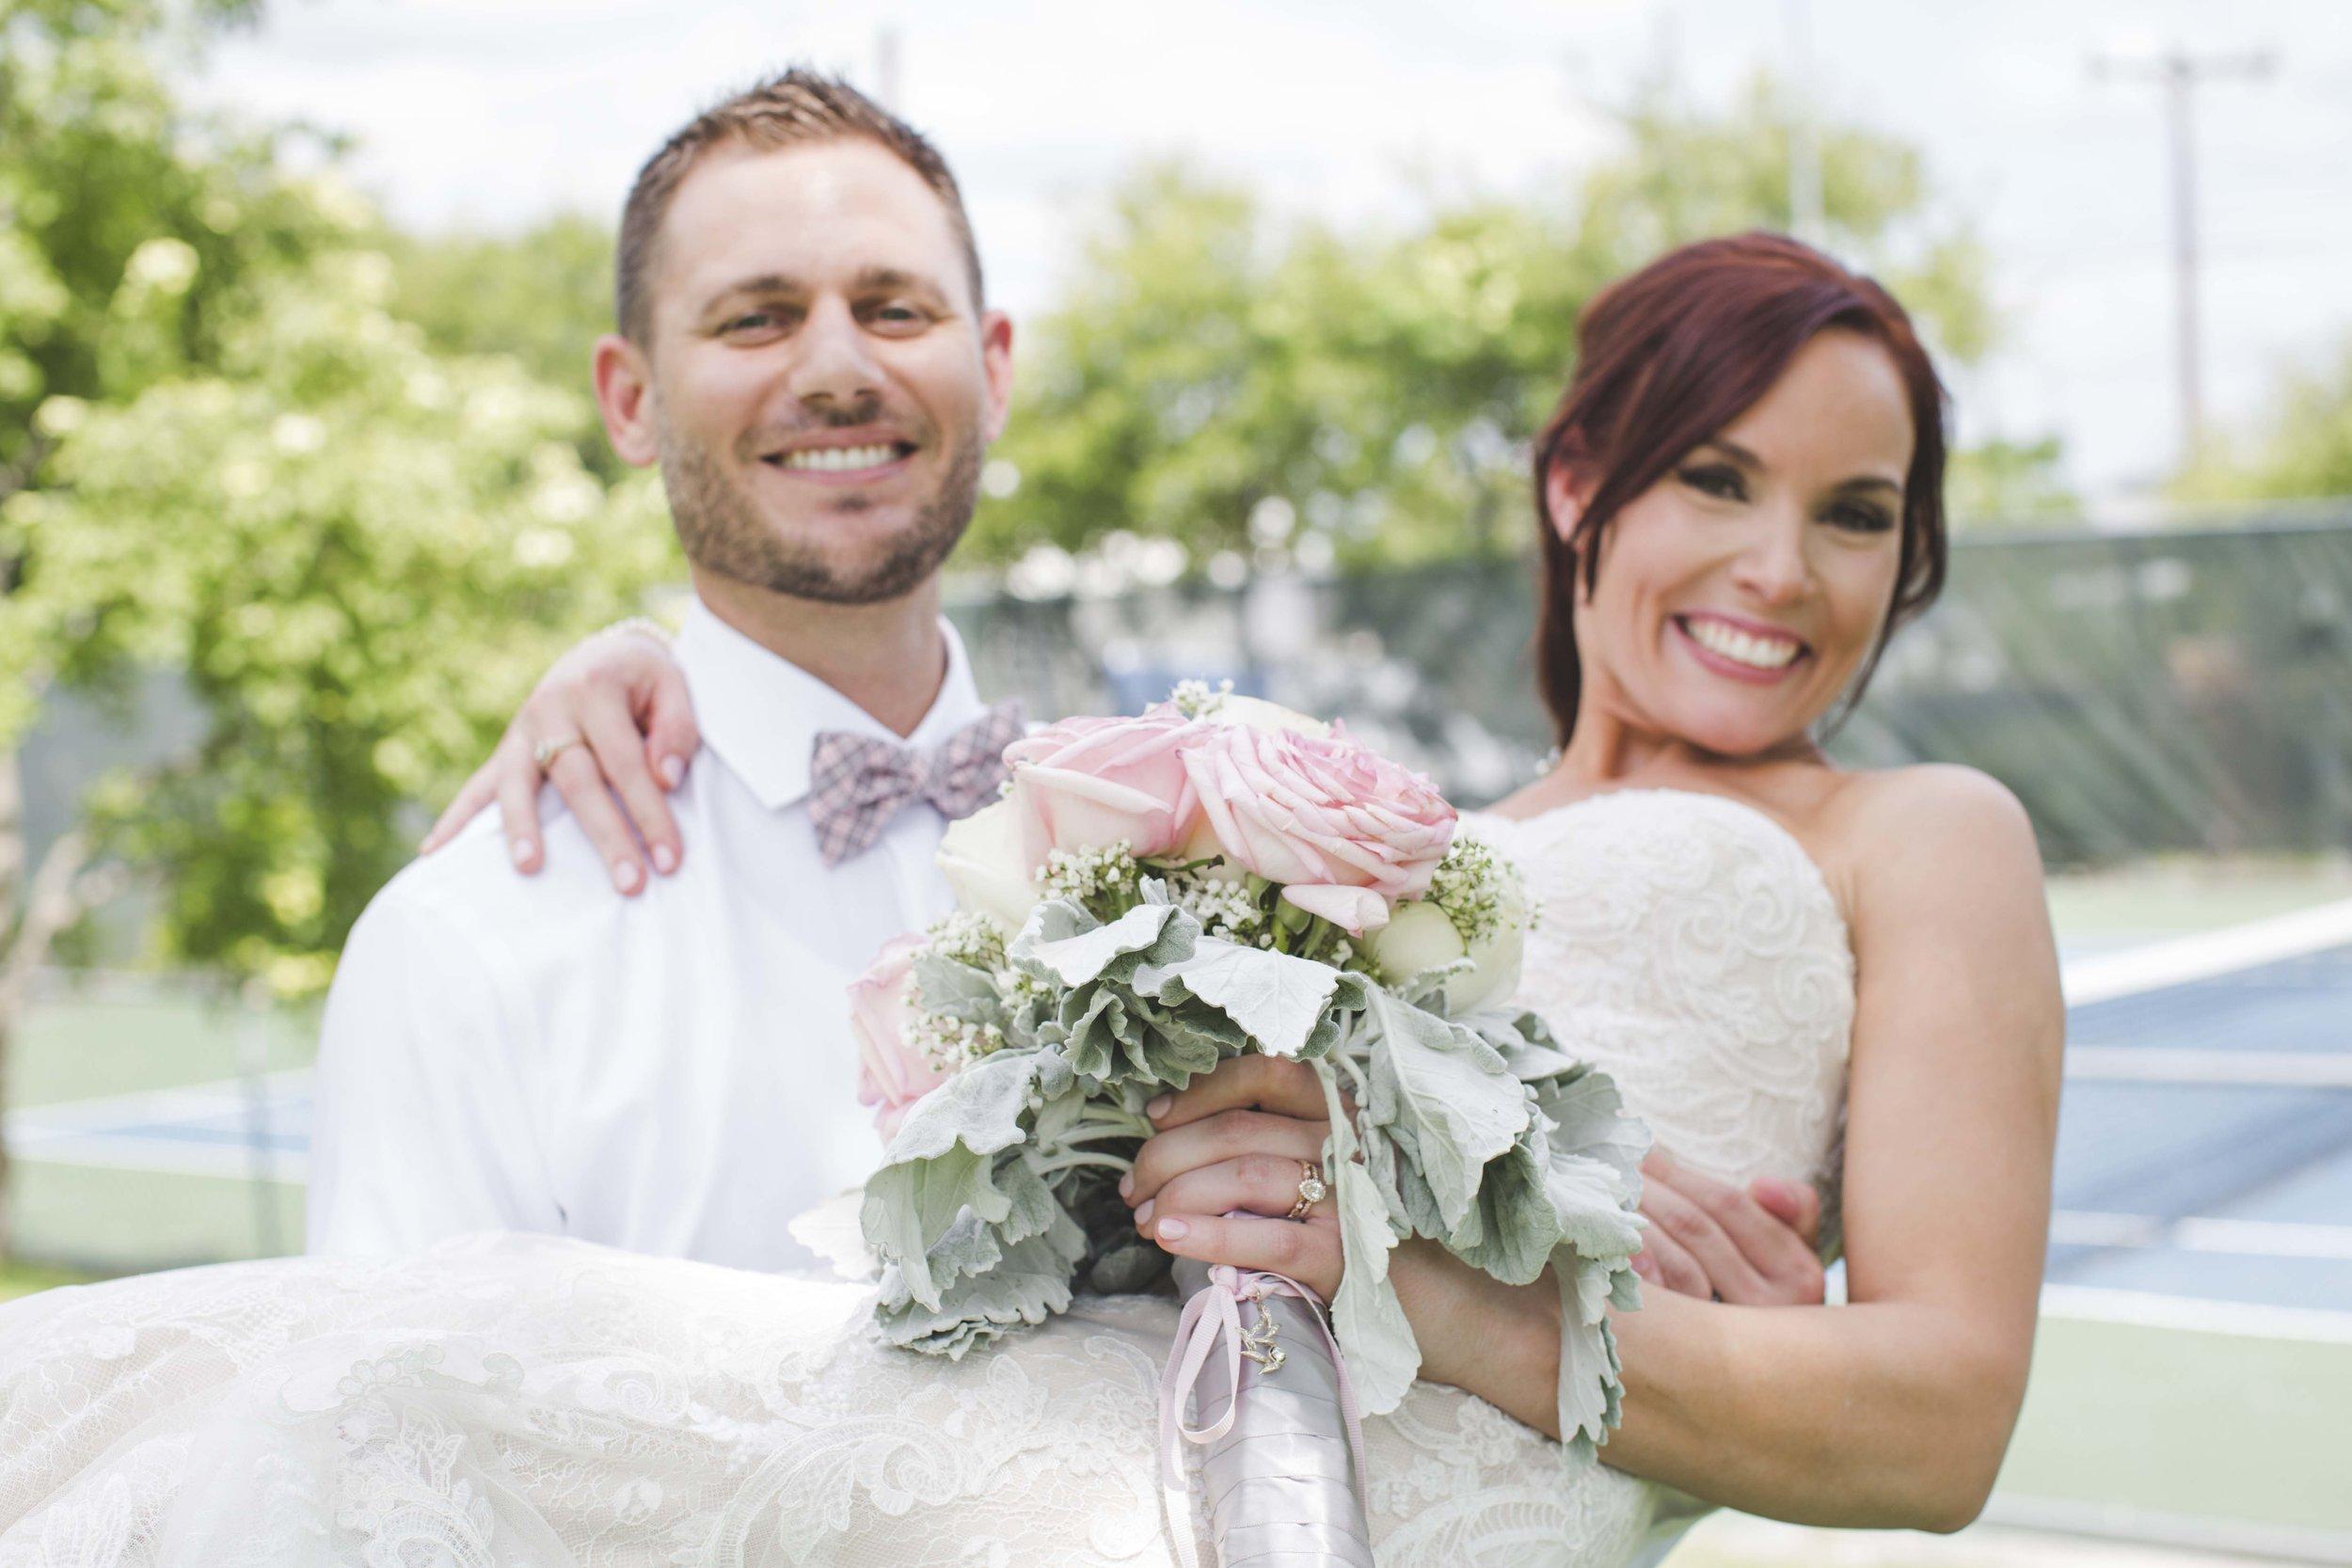 ATGI_Susanna & Matt Wedding_717A8331.jpg